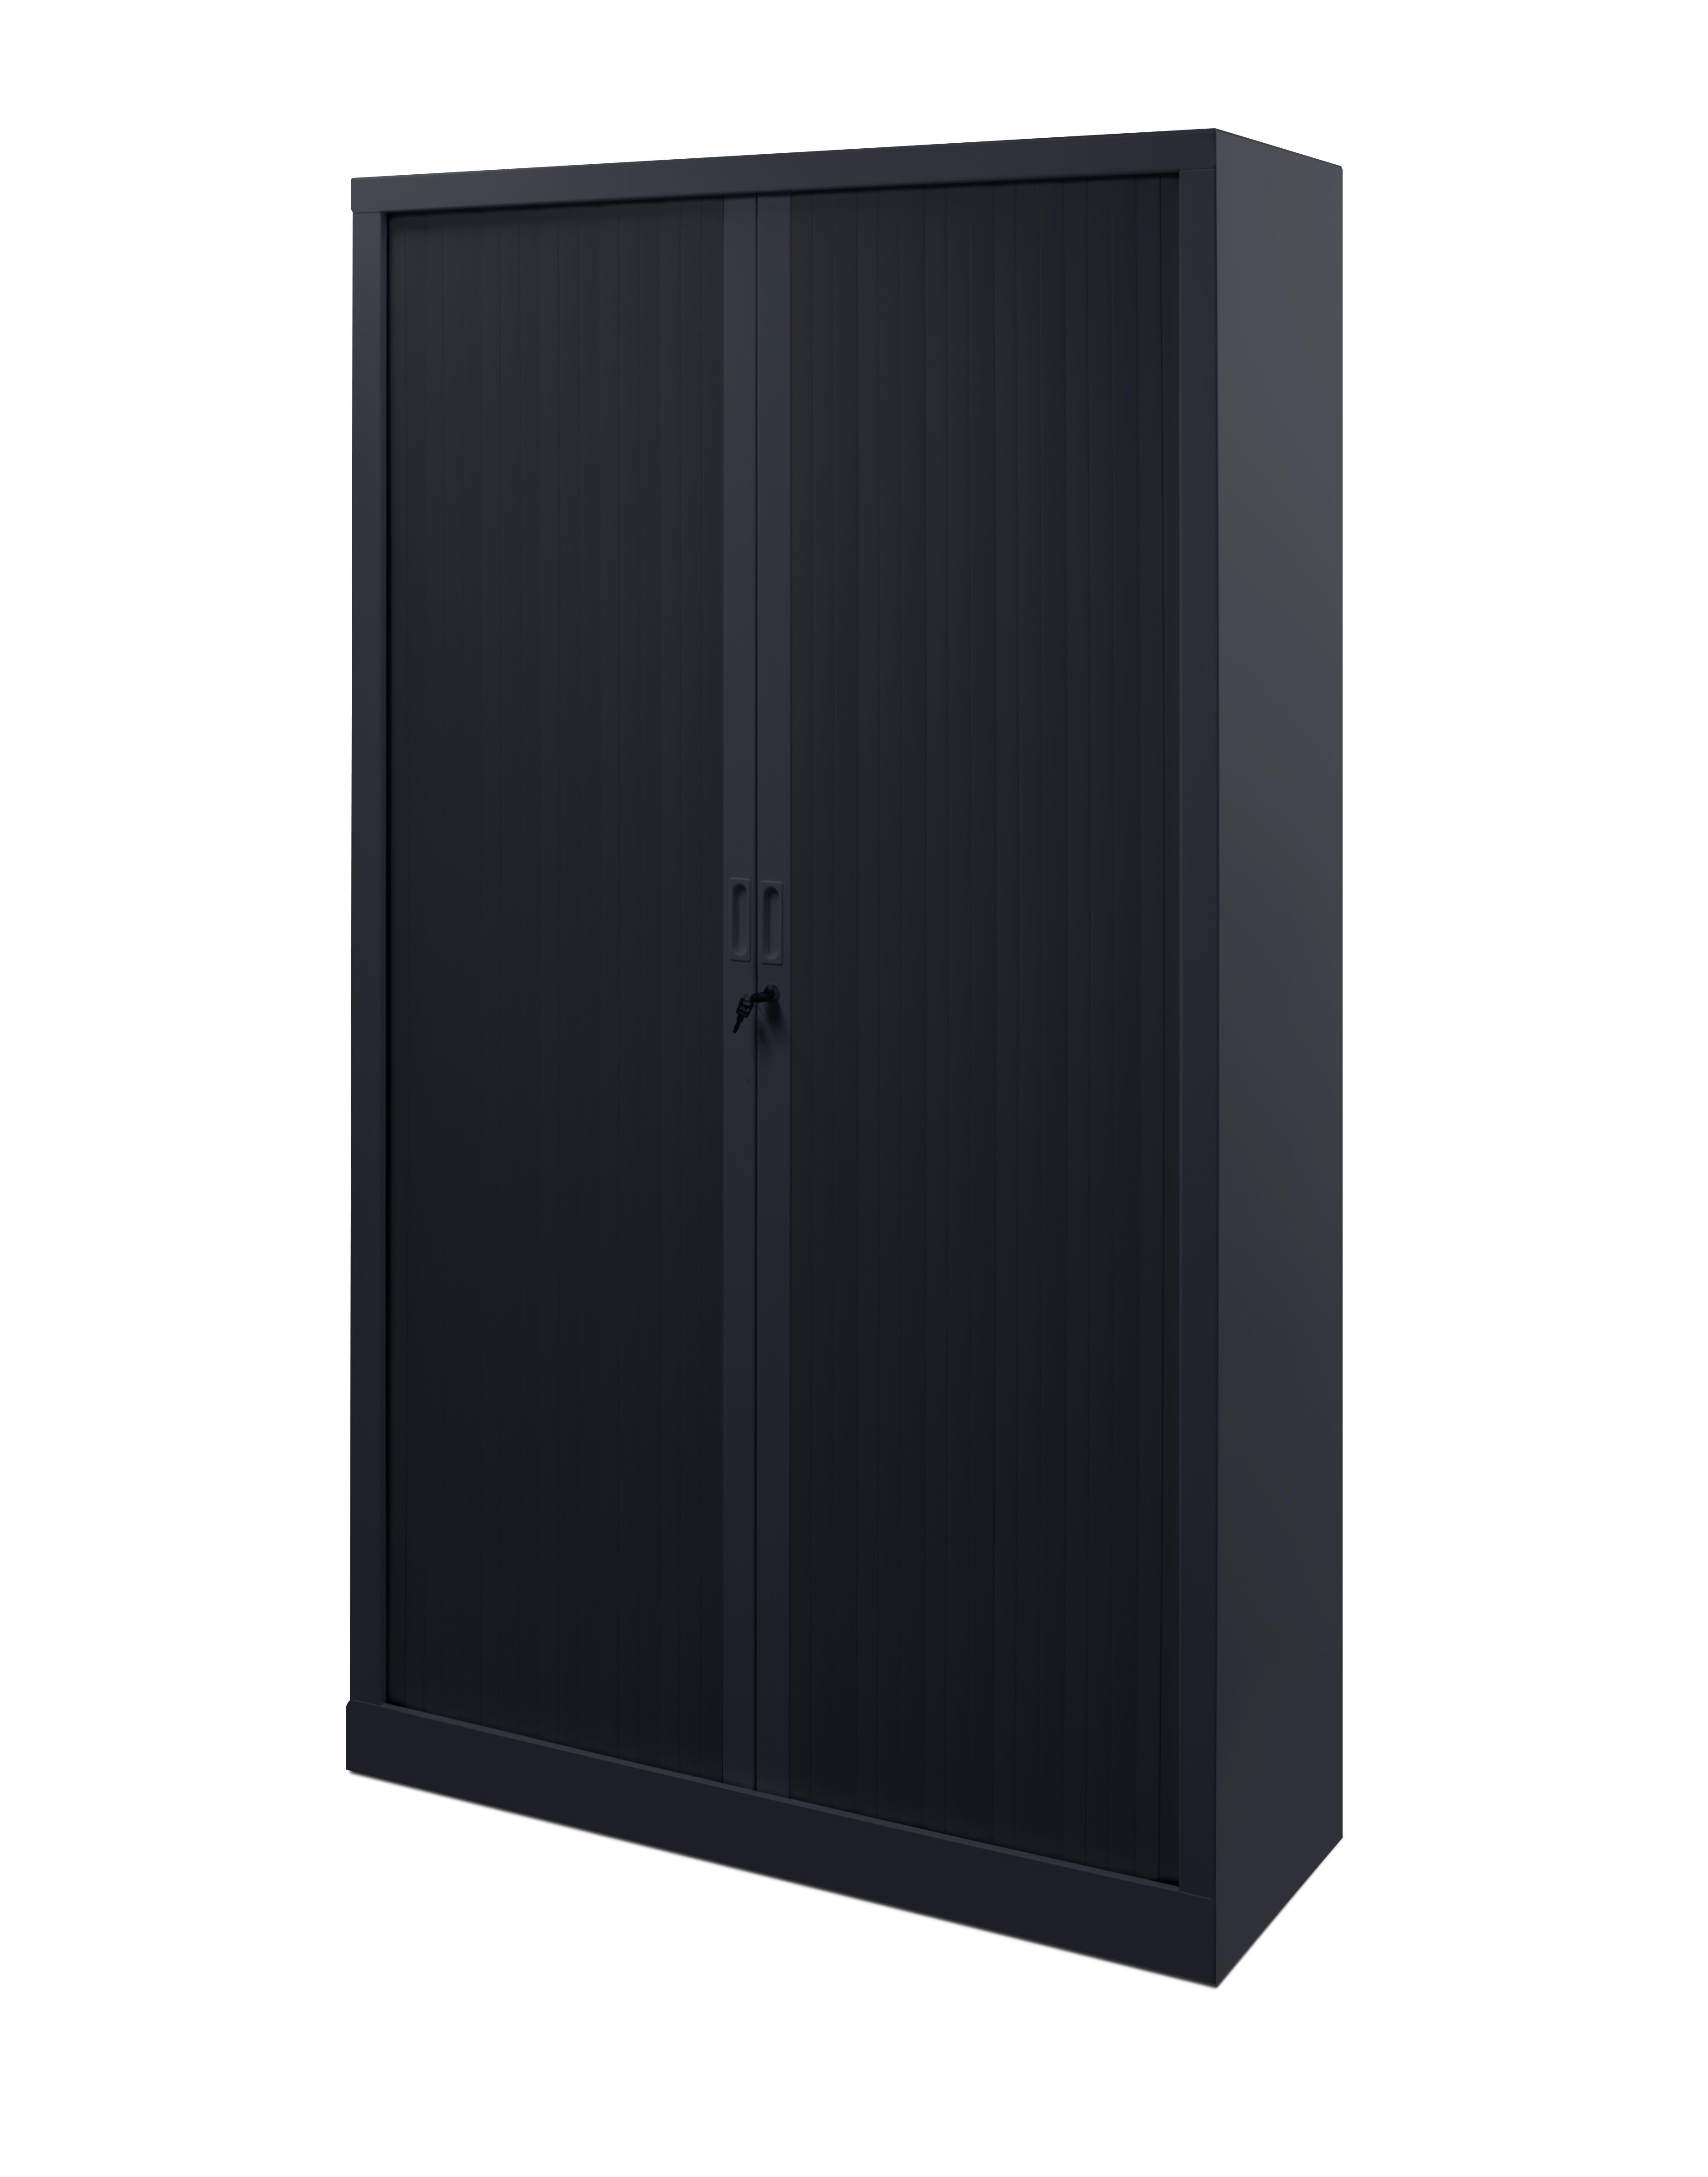 armoire metallique haute noire avec portes coulissantes a rideaux l 100 x 198